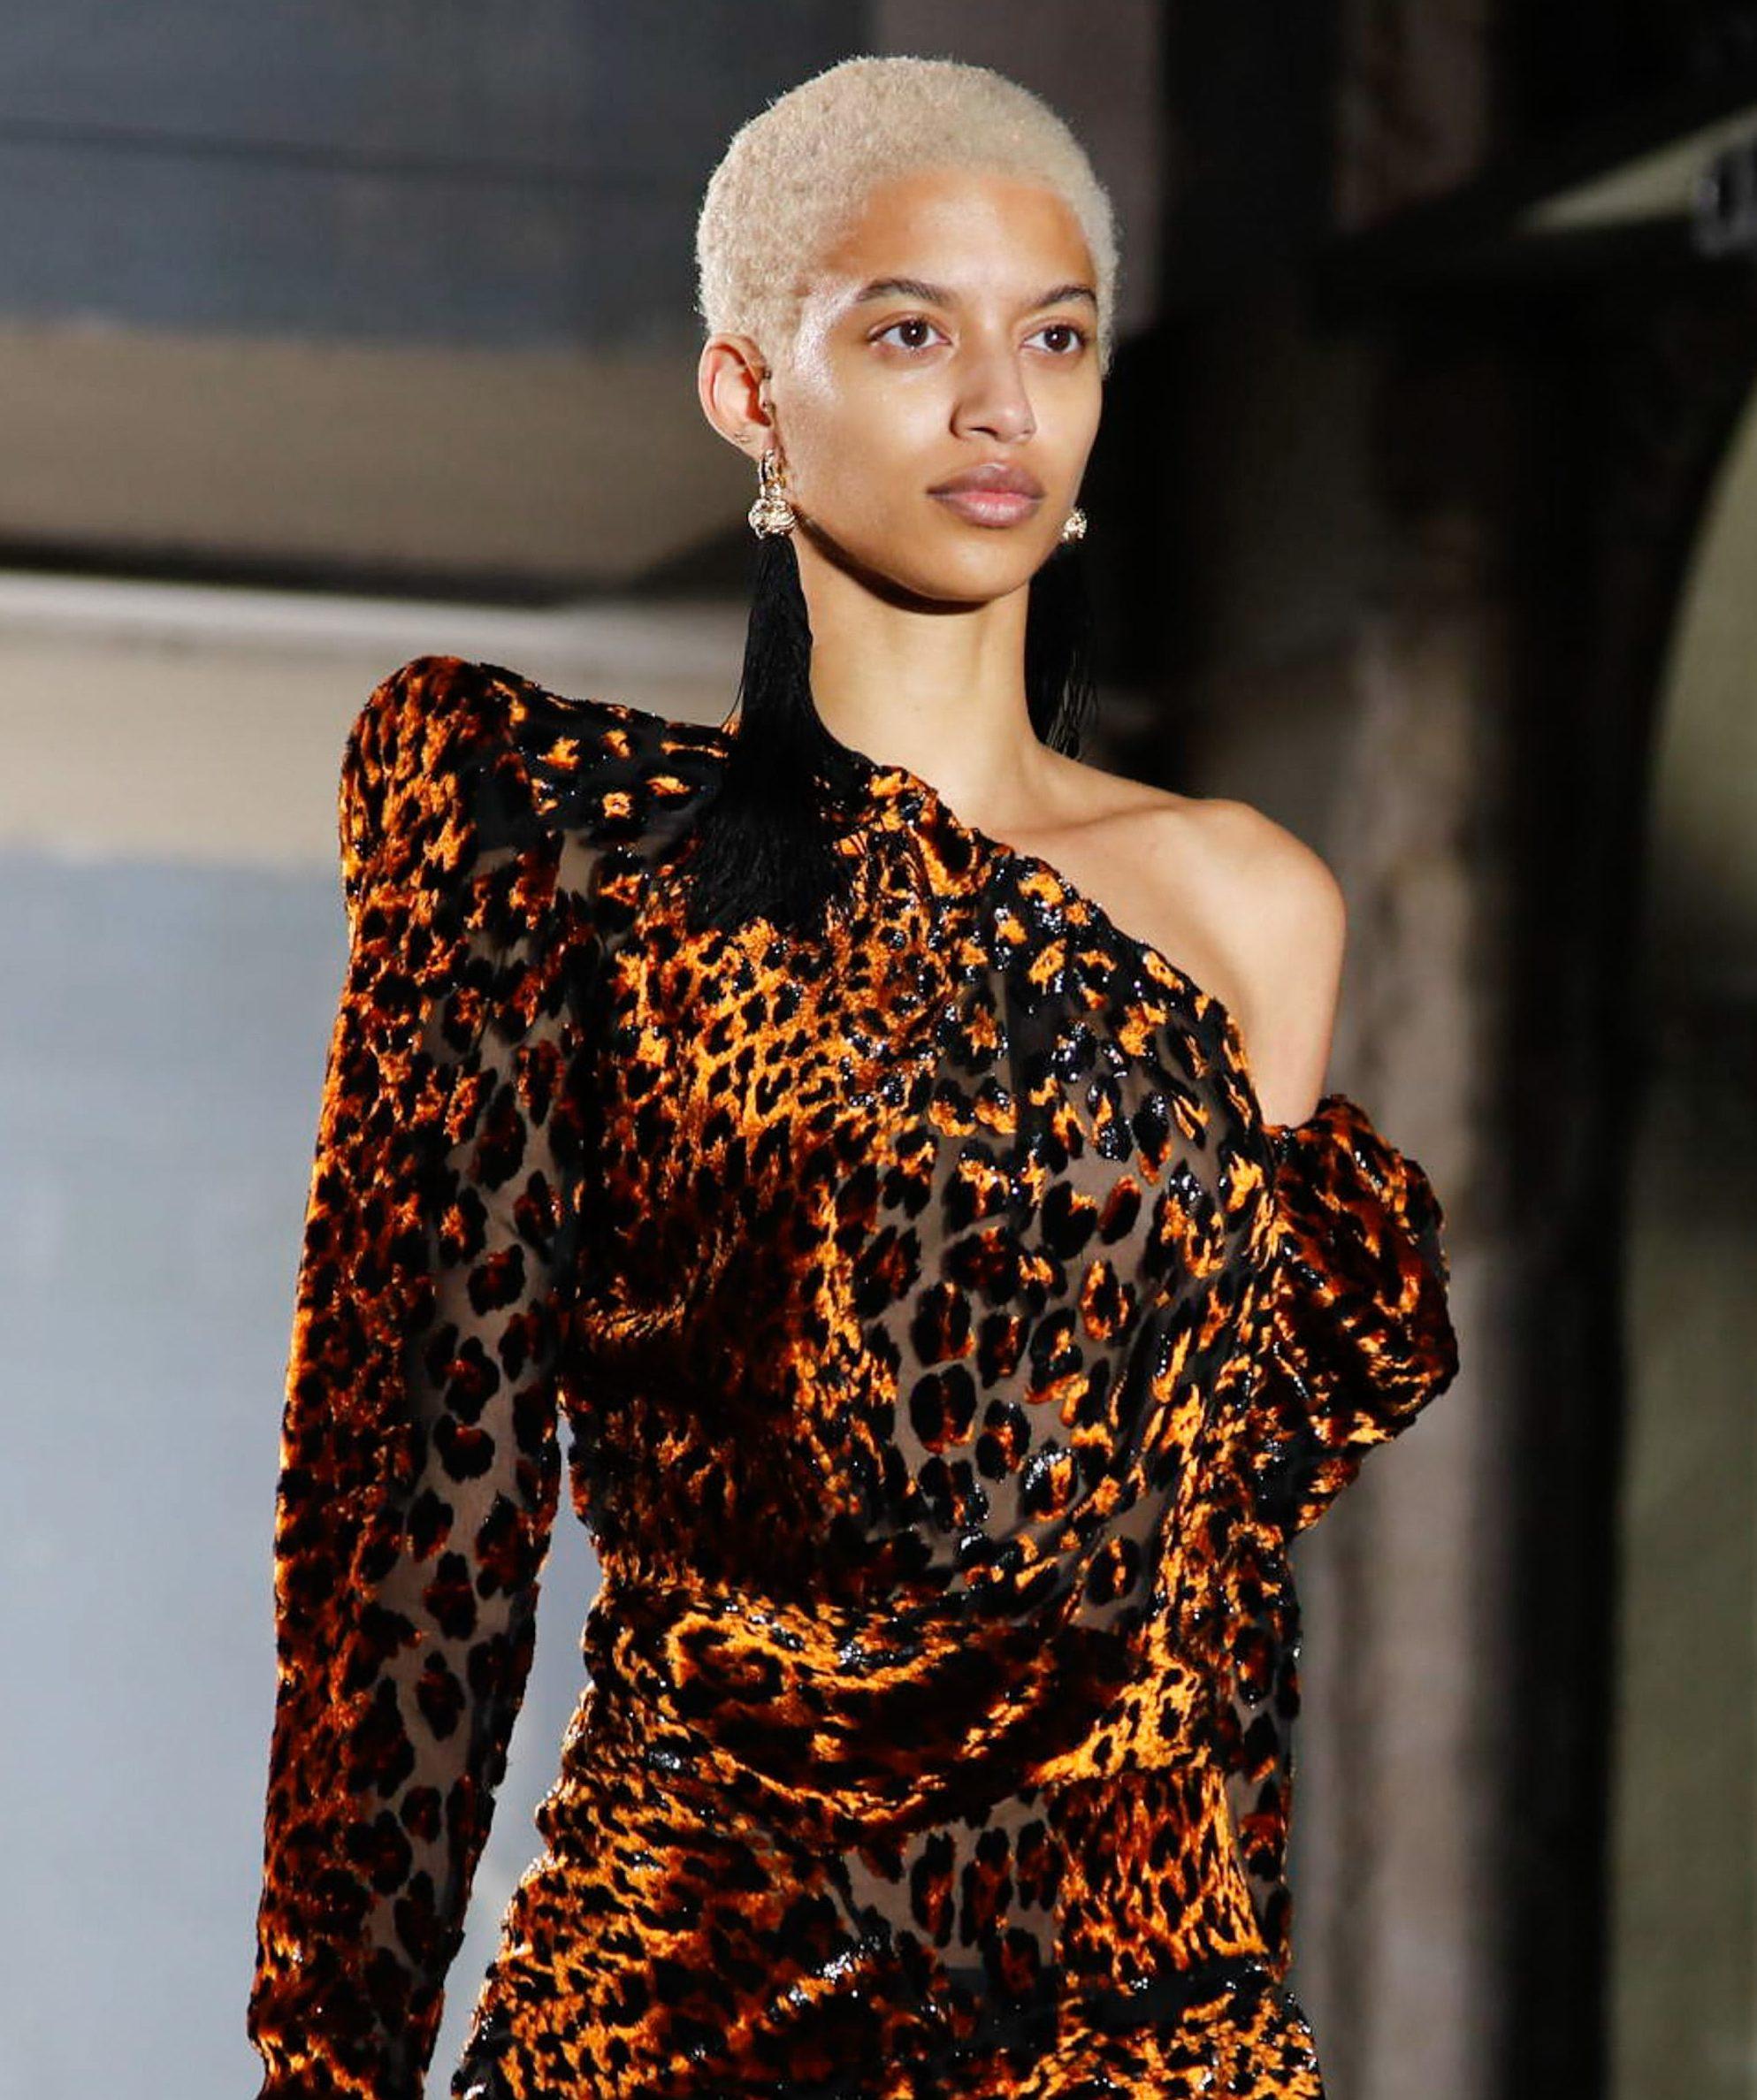 Coiffures blondes courtes : modèle avec cheveux naturels afro